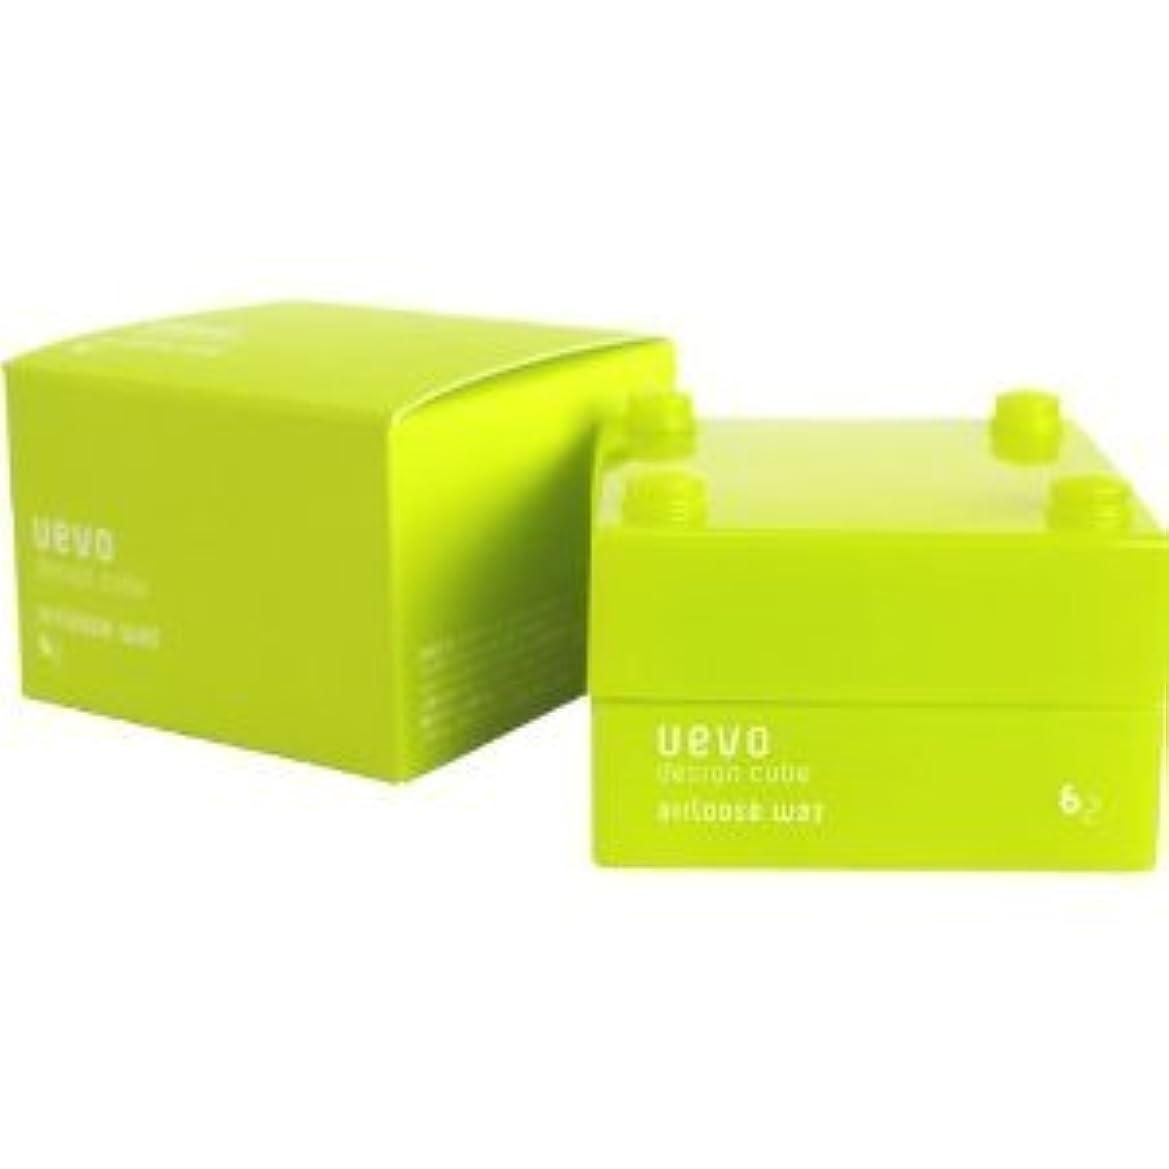 フリンジ勧める金貸し【X2個セット】 デミ ウェーボ デザインキューブ エアルーズワックス 30g airloose wax DEMI uevo design cube